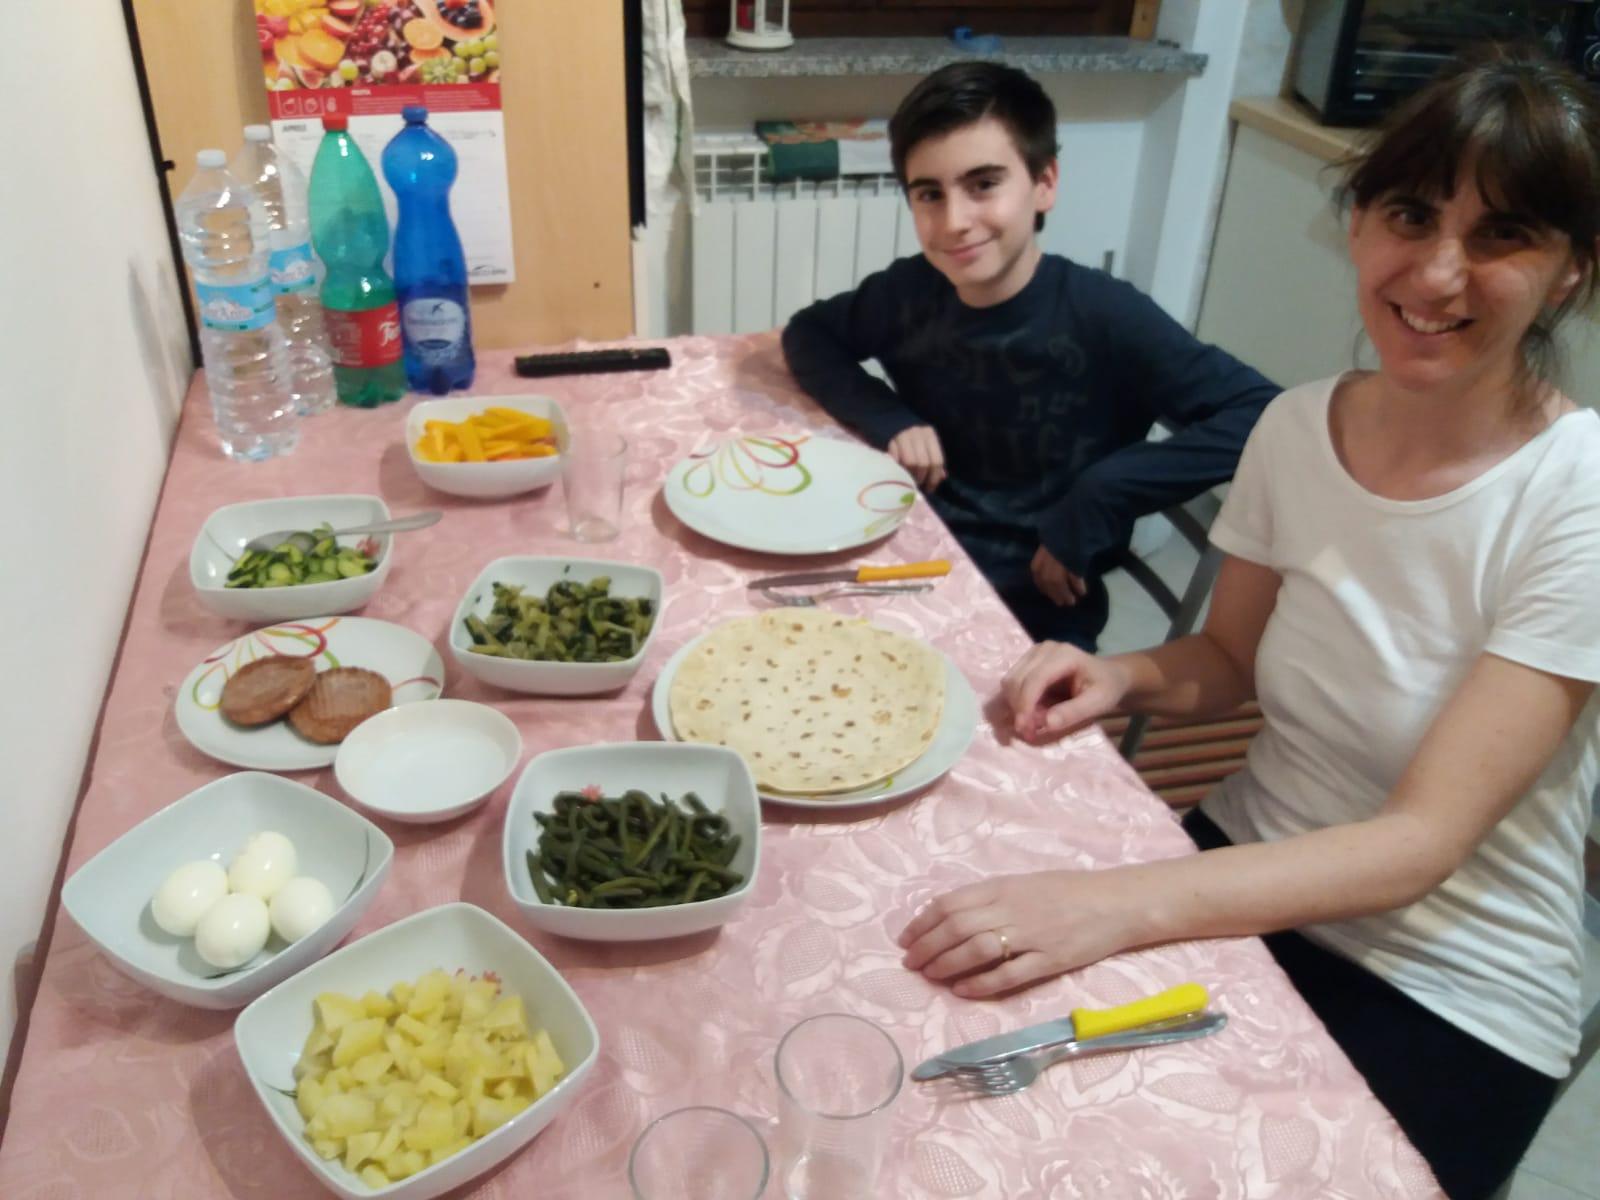 Cena pasquale ebraica 2020 (12)